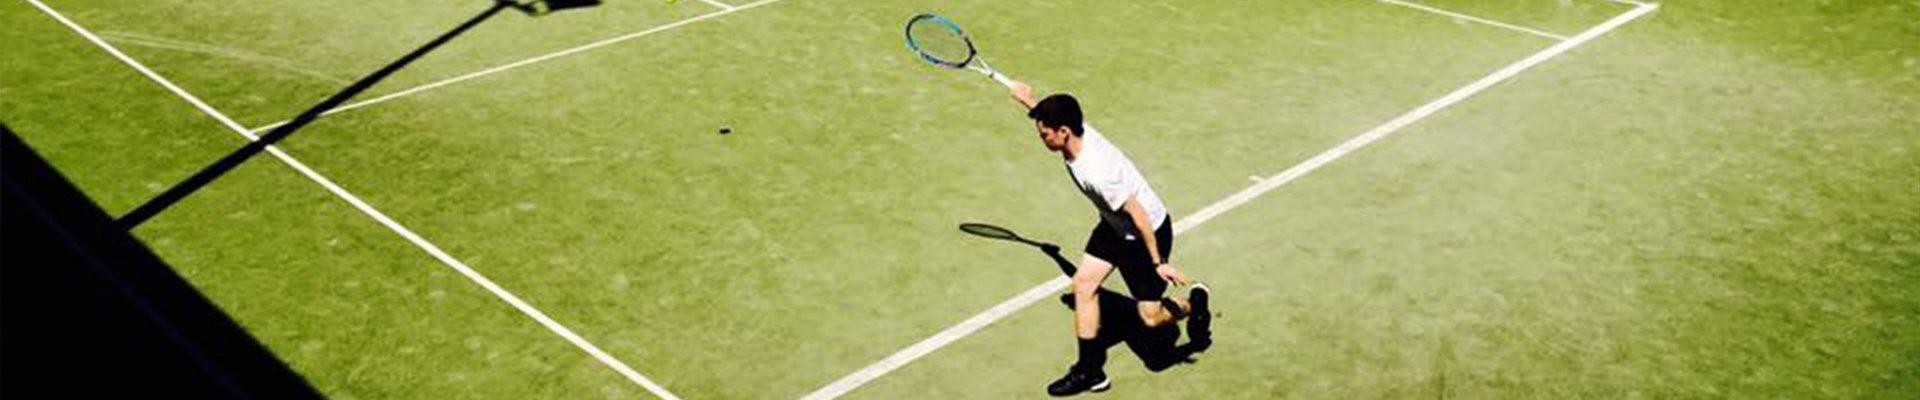 tenniskillenhome 2.1